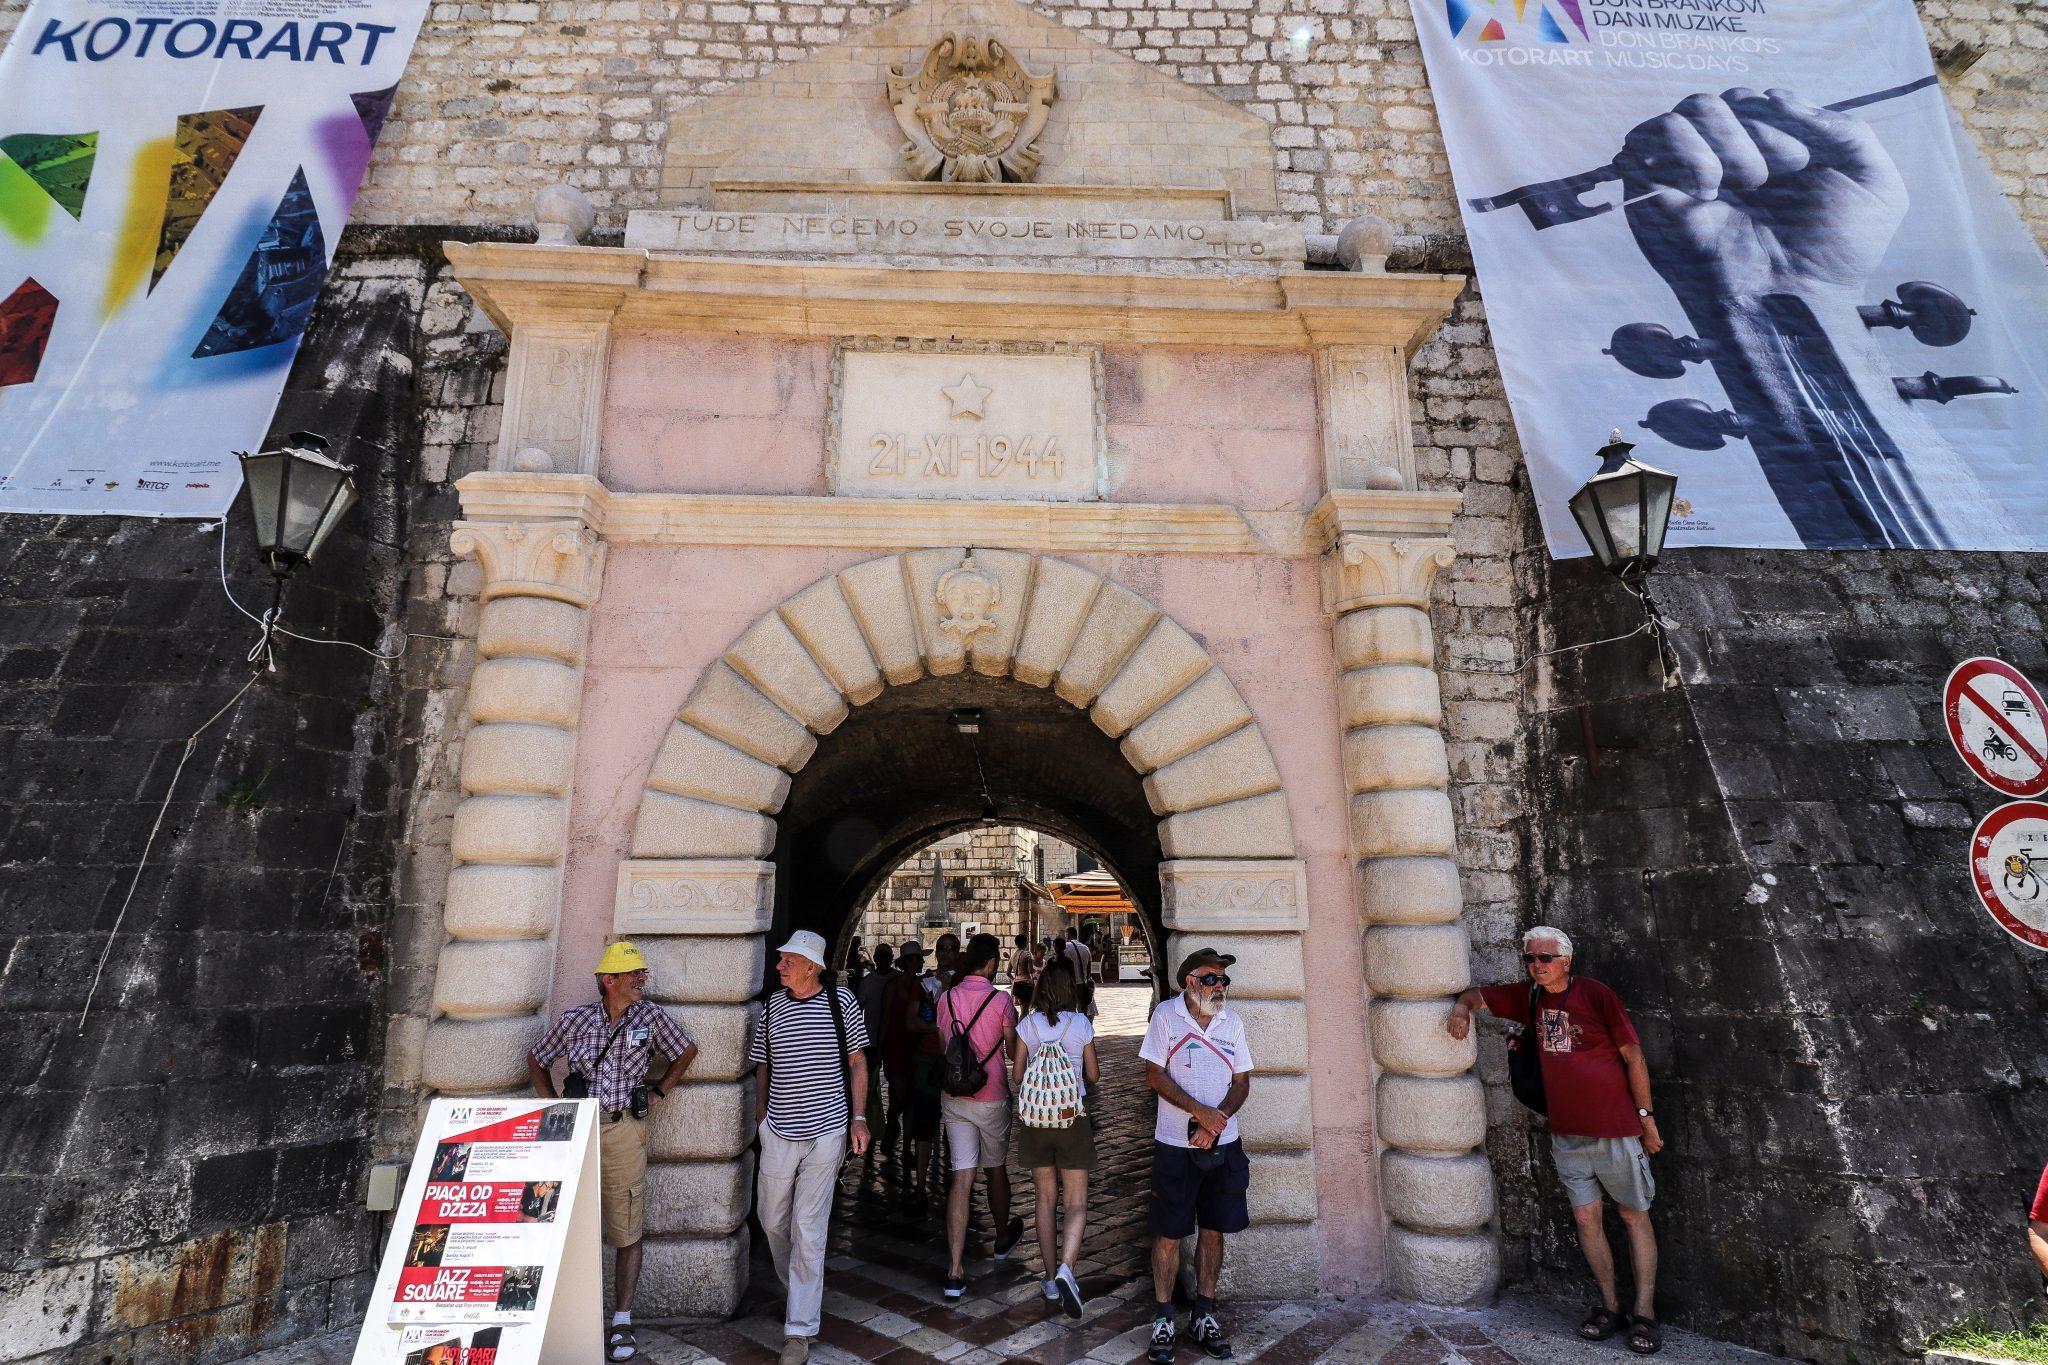 Kotor Gate, Montenegro